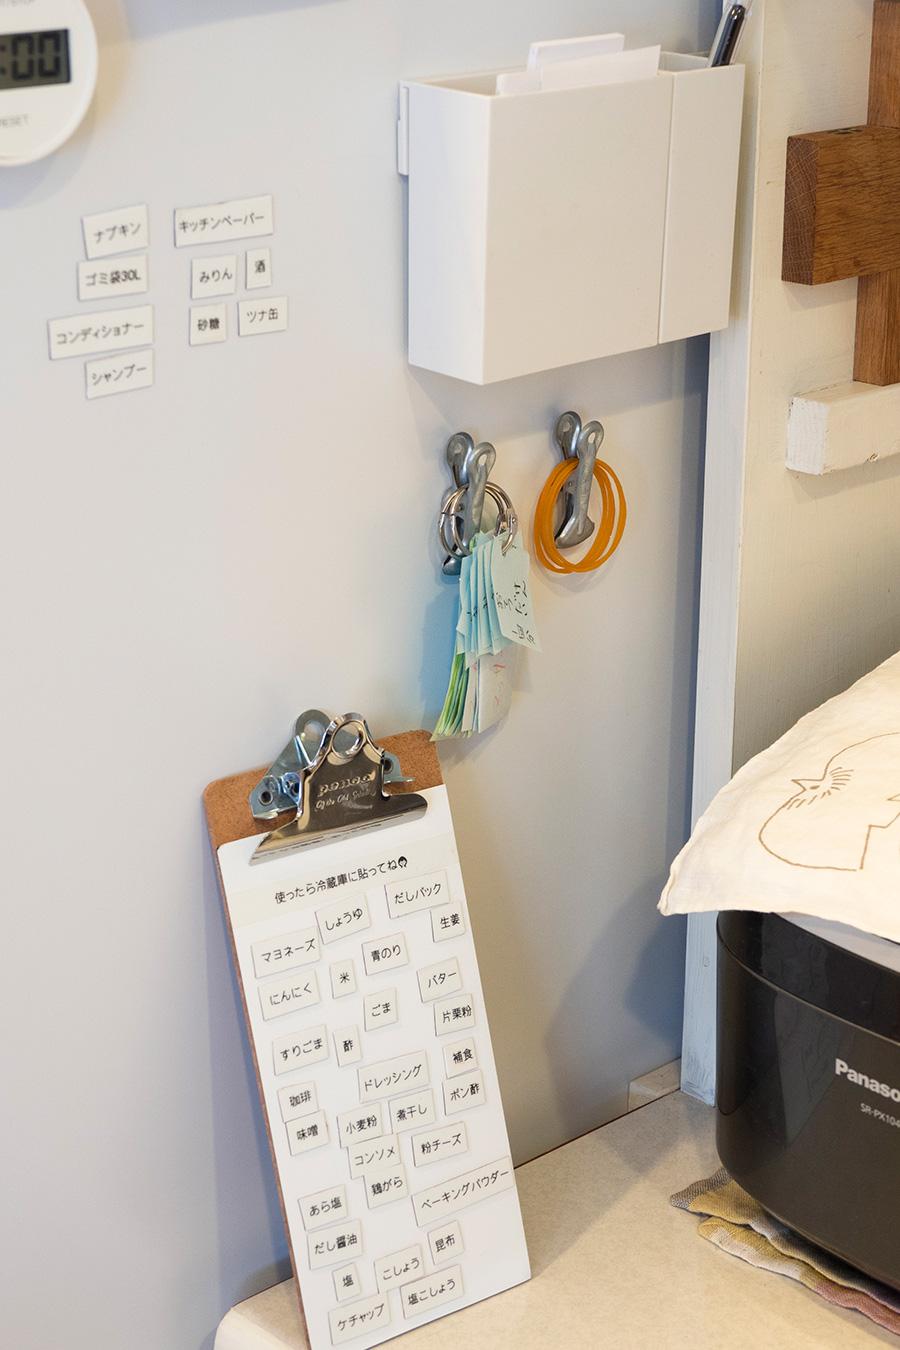 マグネット式ストック切れ防止ボード。ストックがなくなったら、品物の名が書かれたボードを冷蔵庫に移動させ、把握するしくみ!